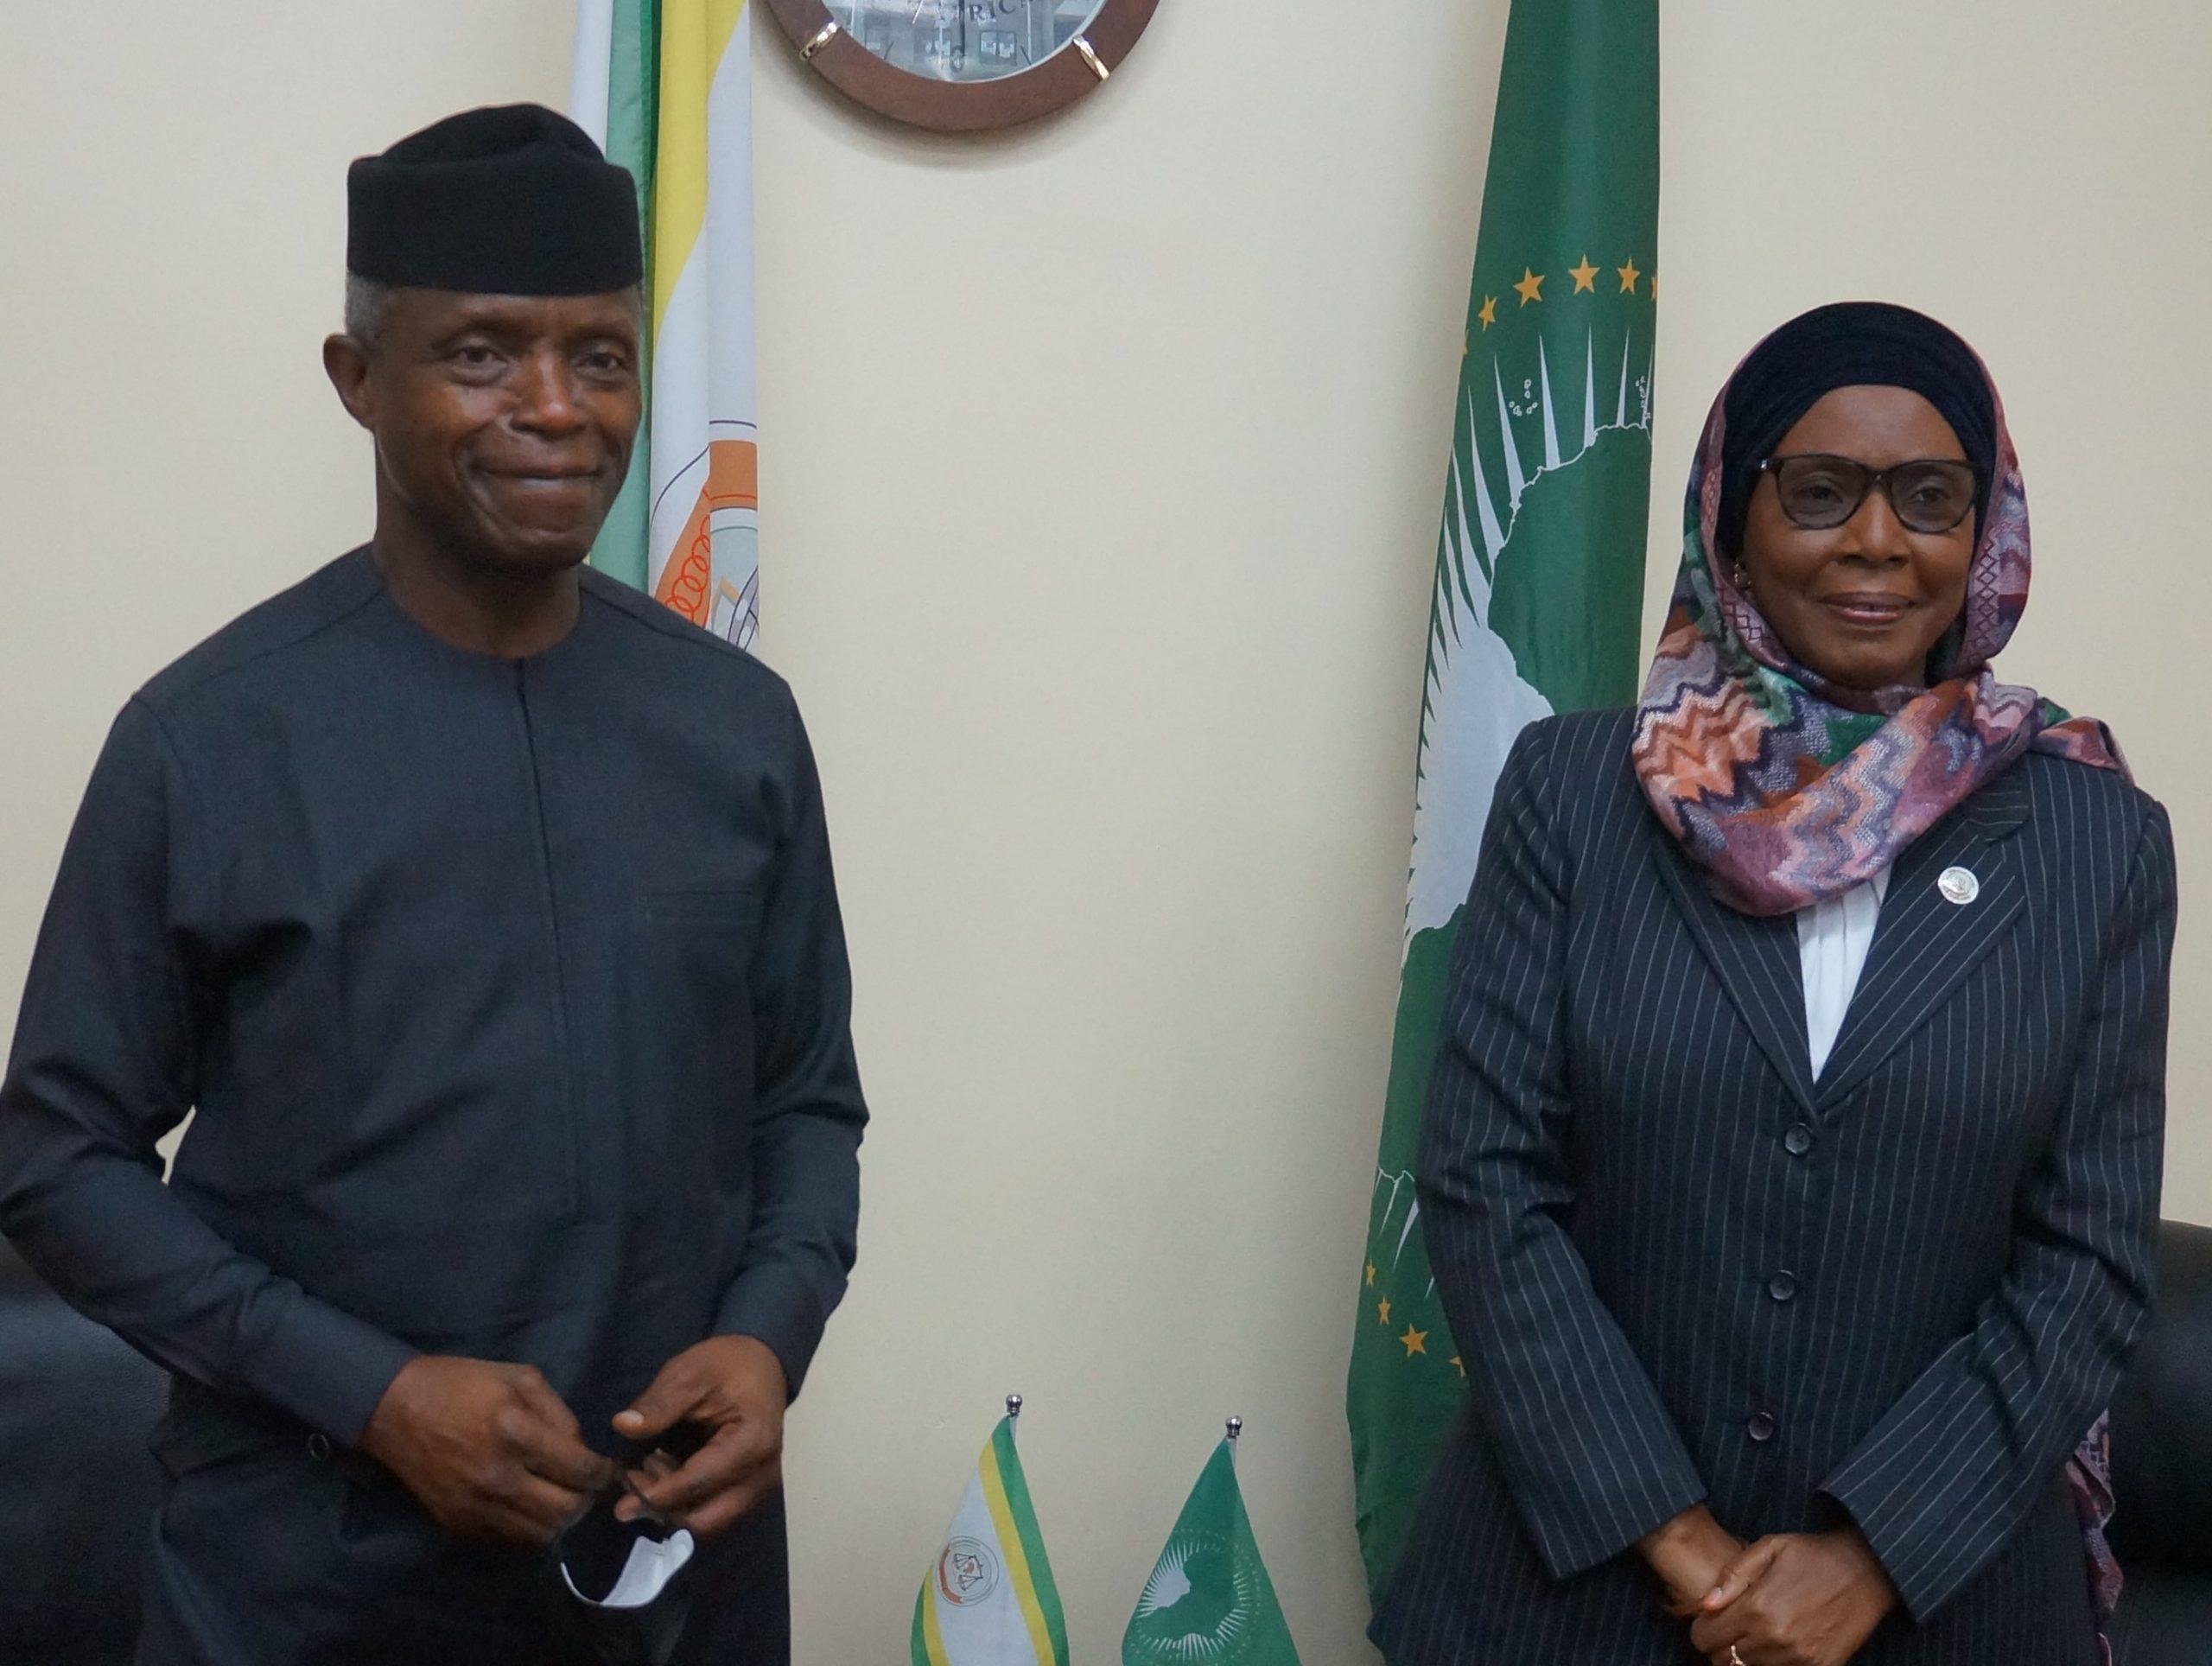 فخامة السيد نائب رئيس جمهورية نيجيريا في المحكمة الأفريقية